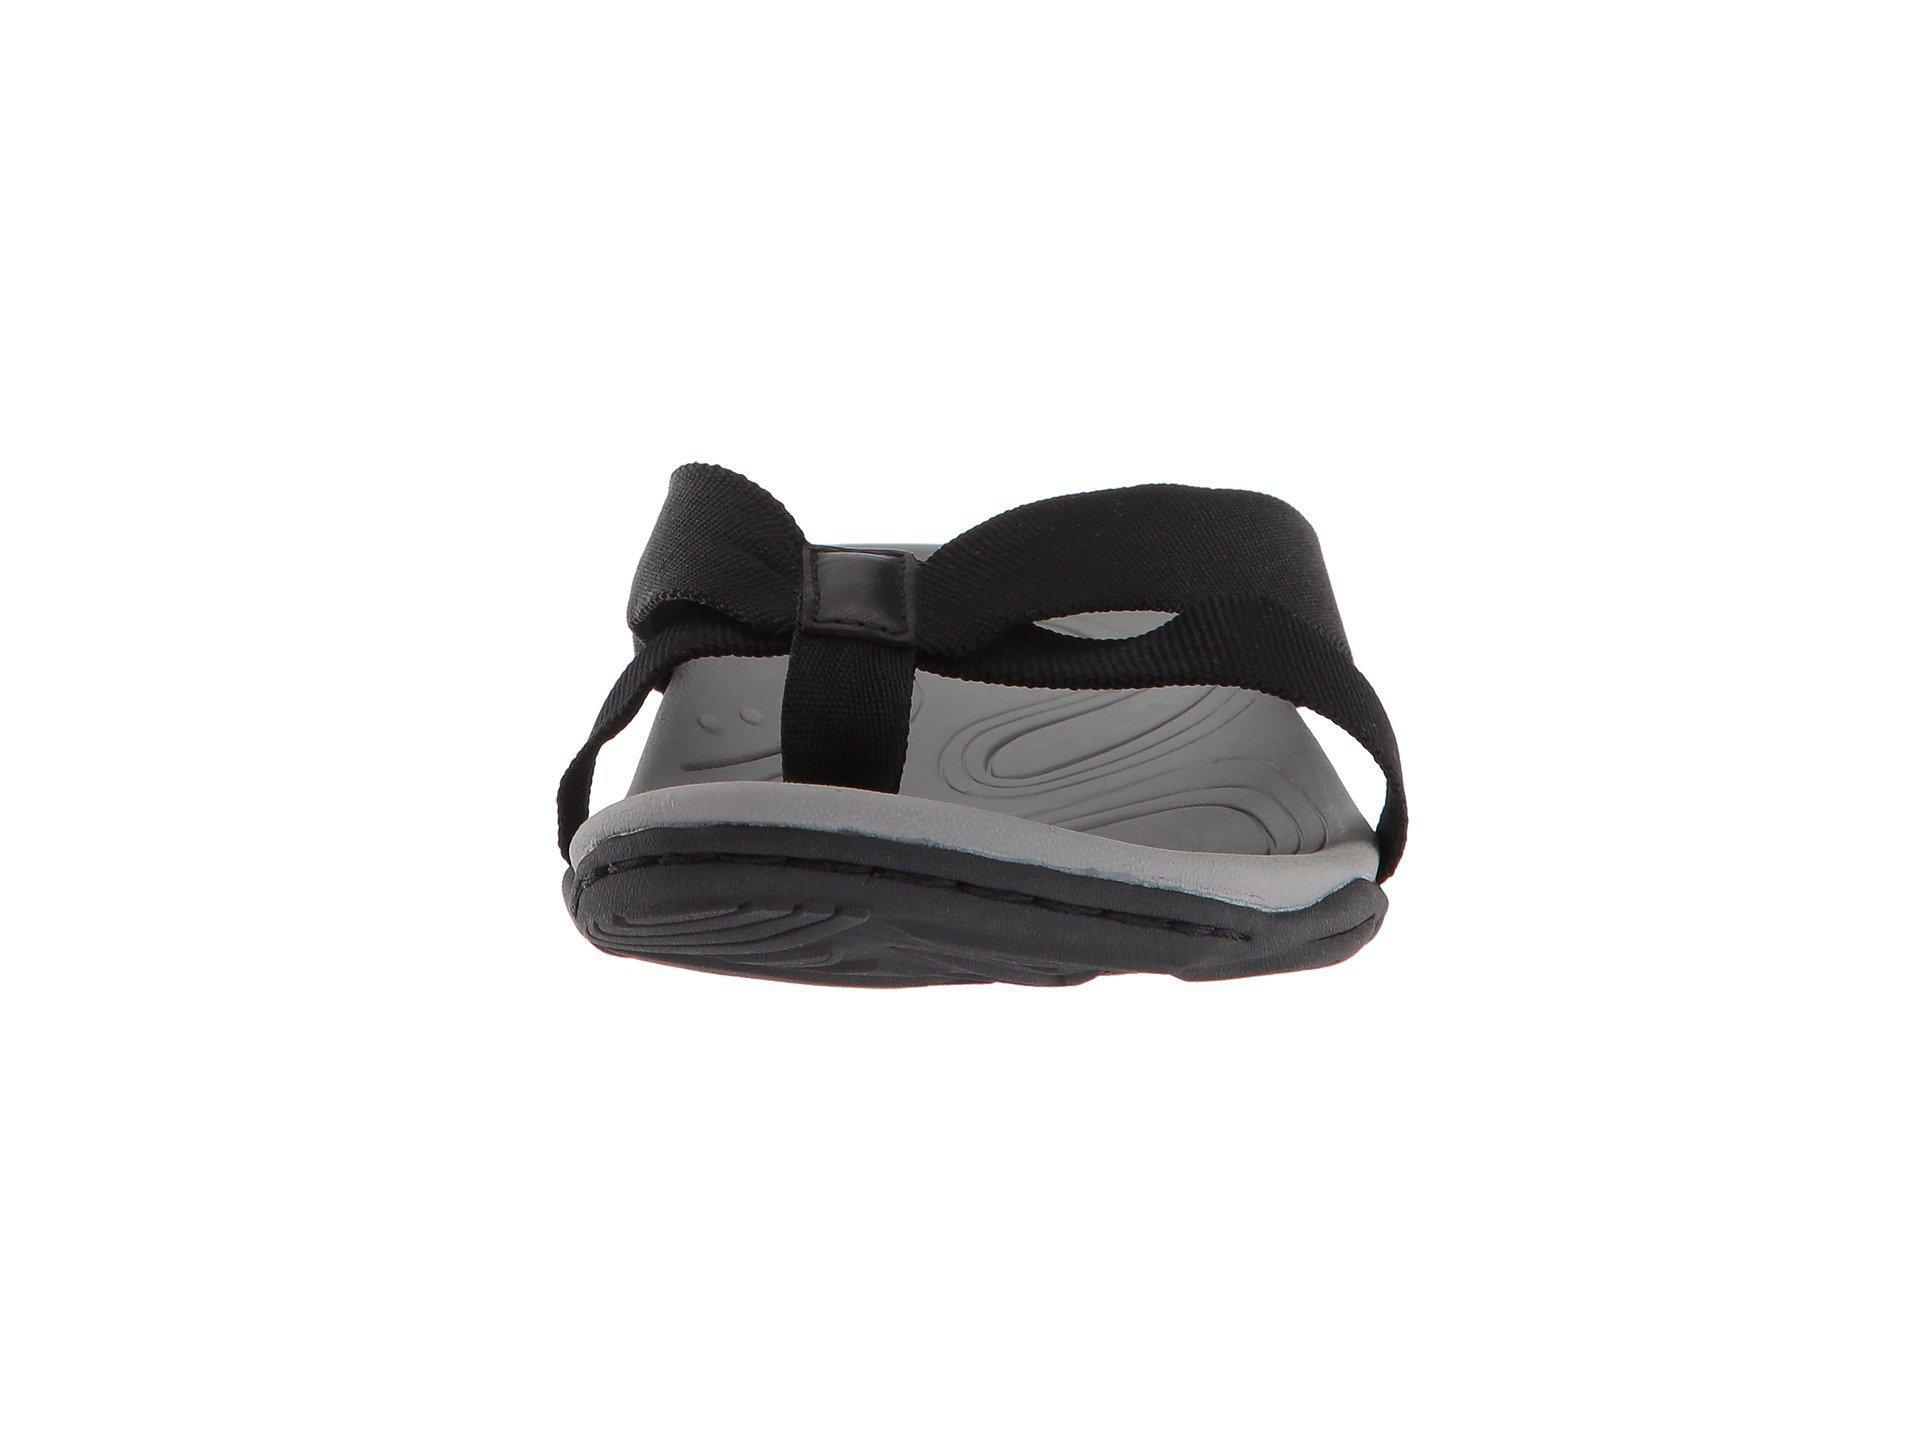 564989d8d15e2 Malia (black Ribbon) Women's Shoes